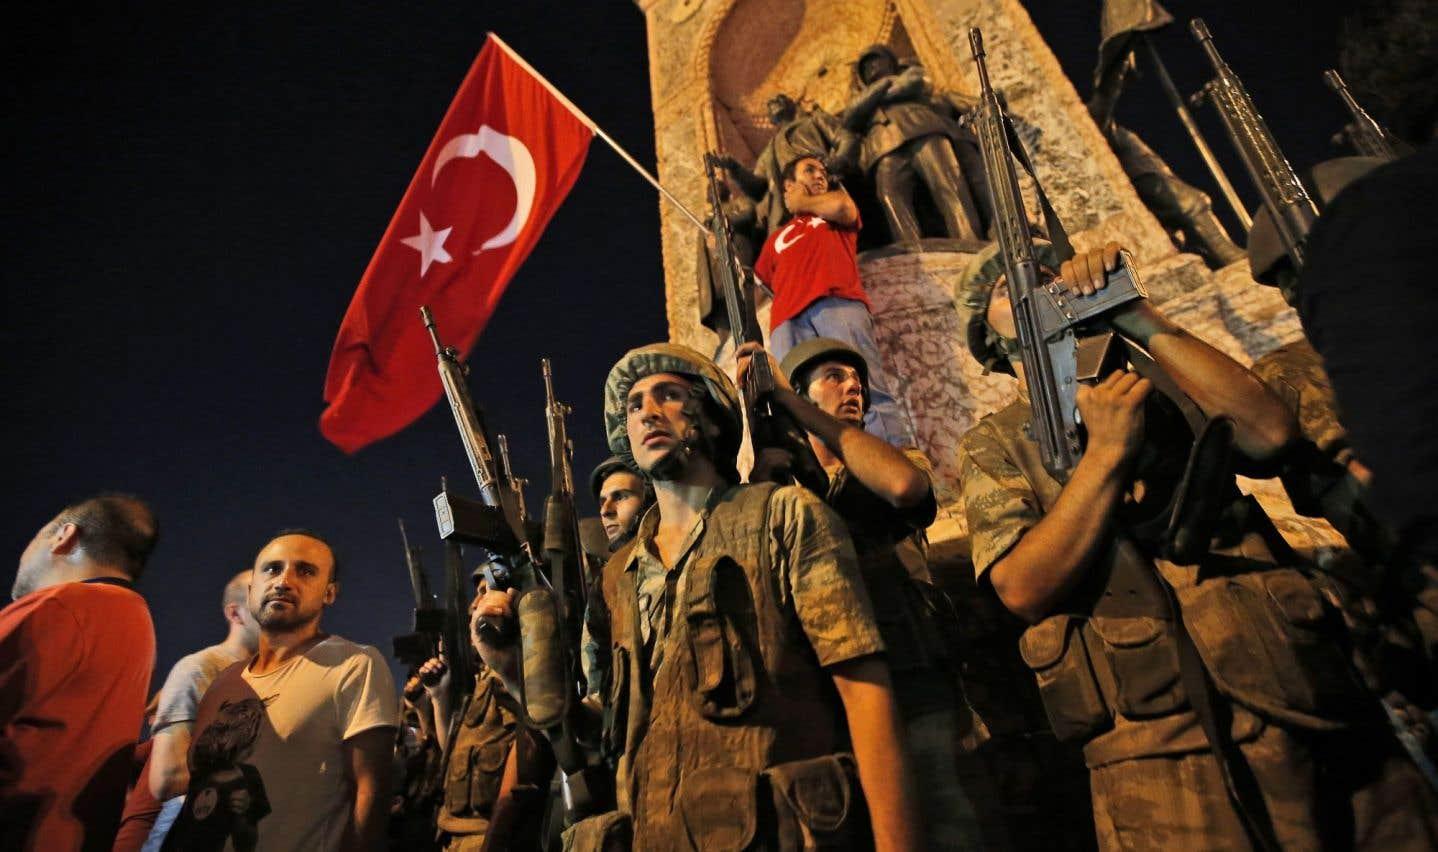 Des militaires tentent un coup d'État en Turquie